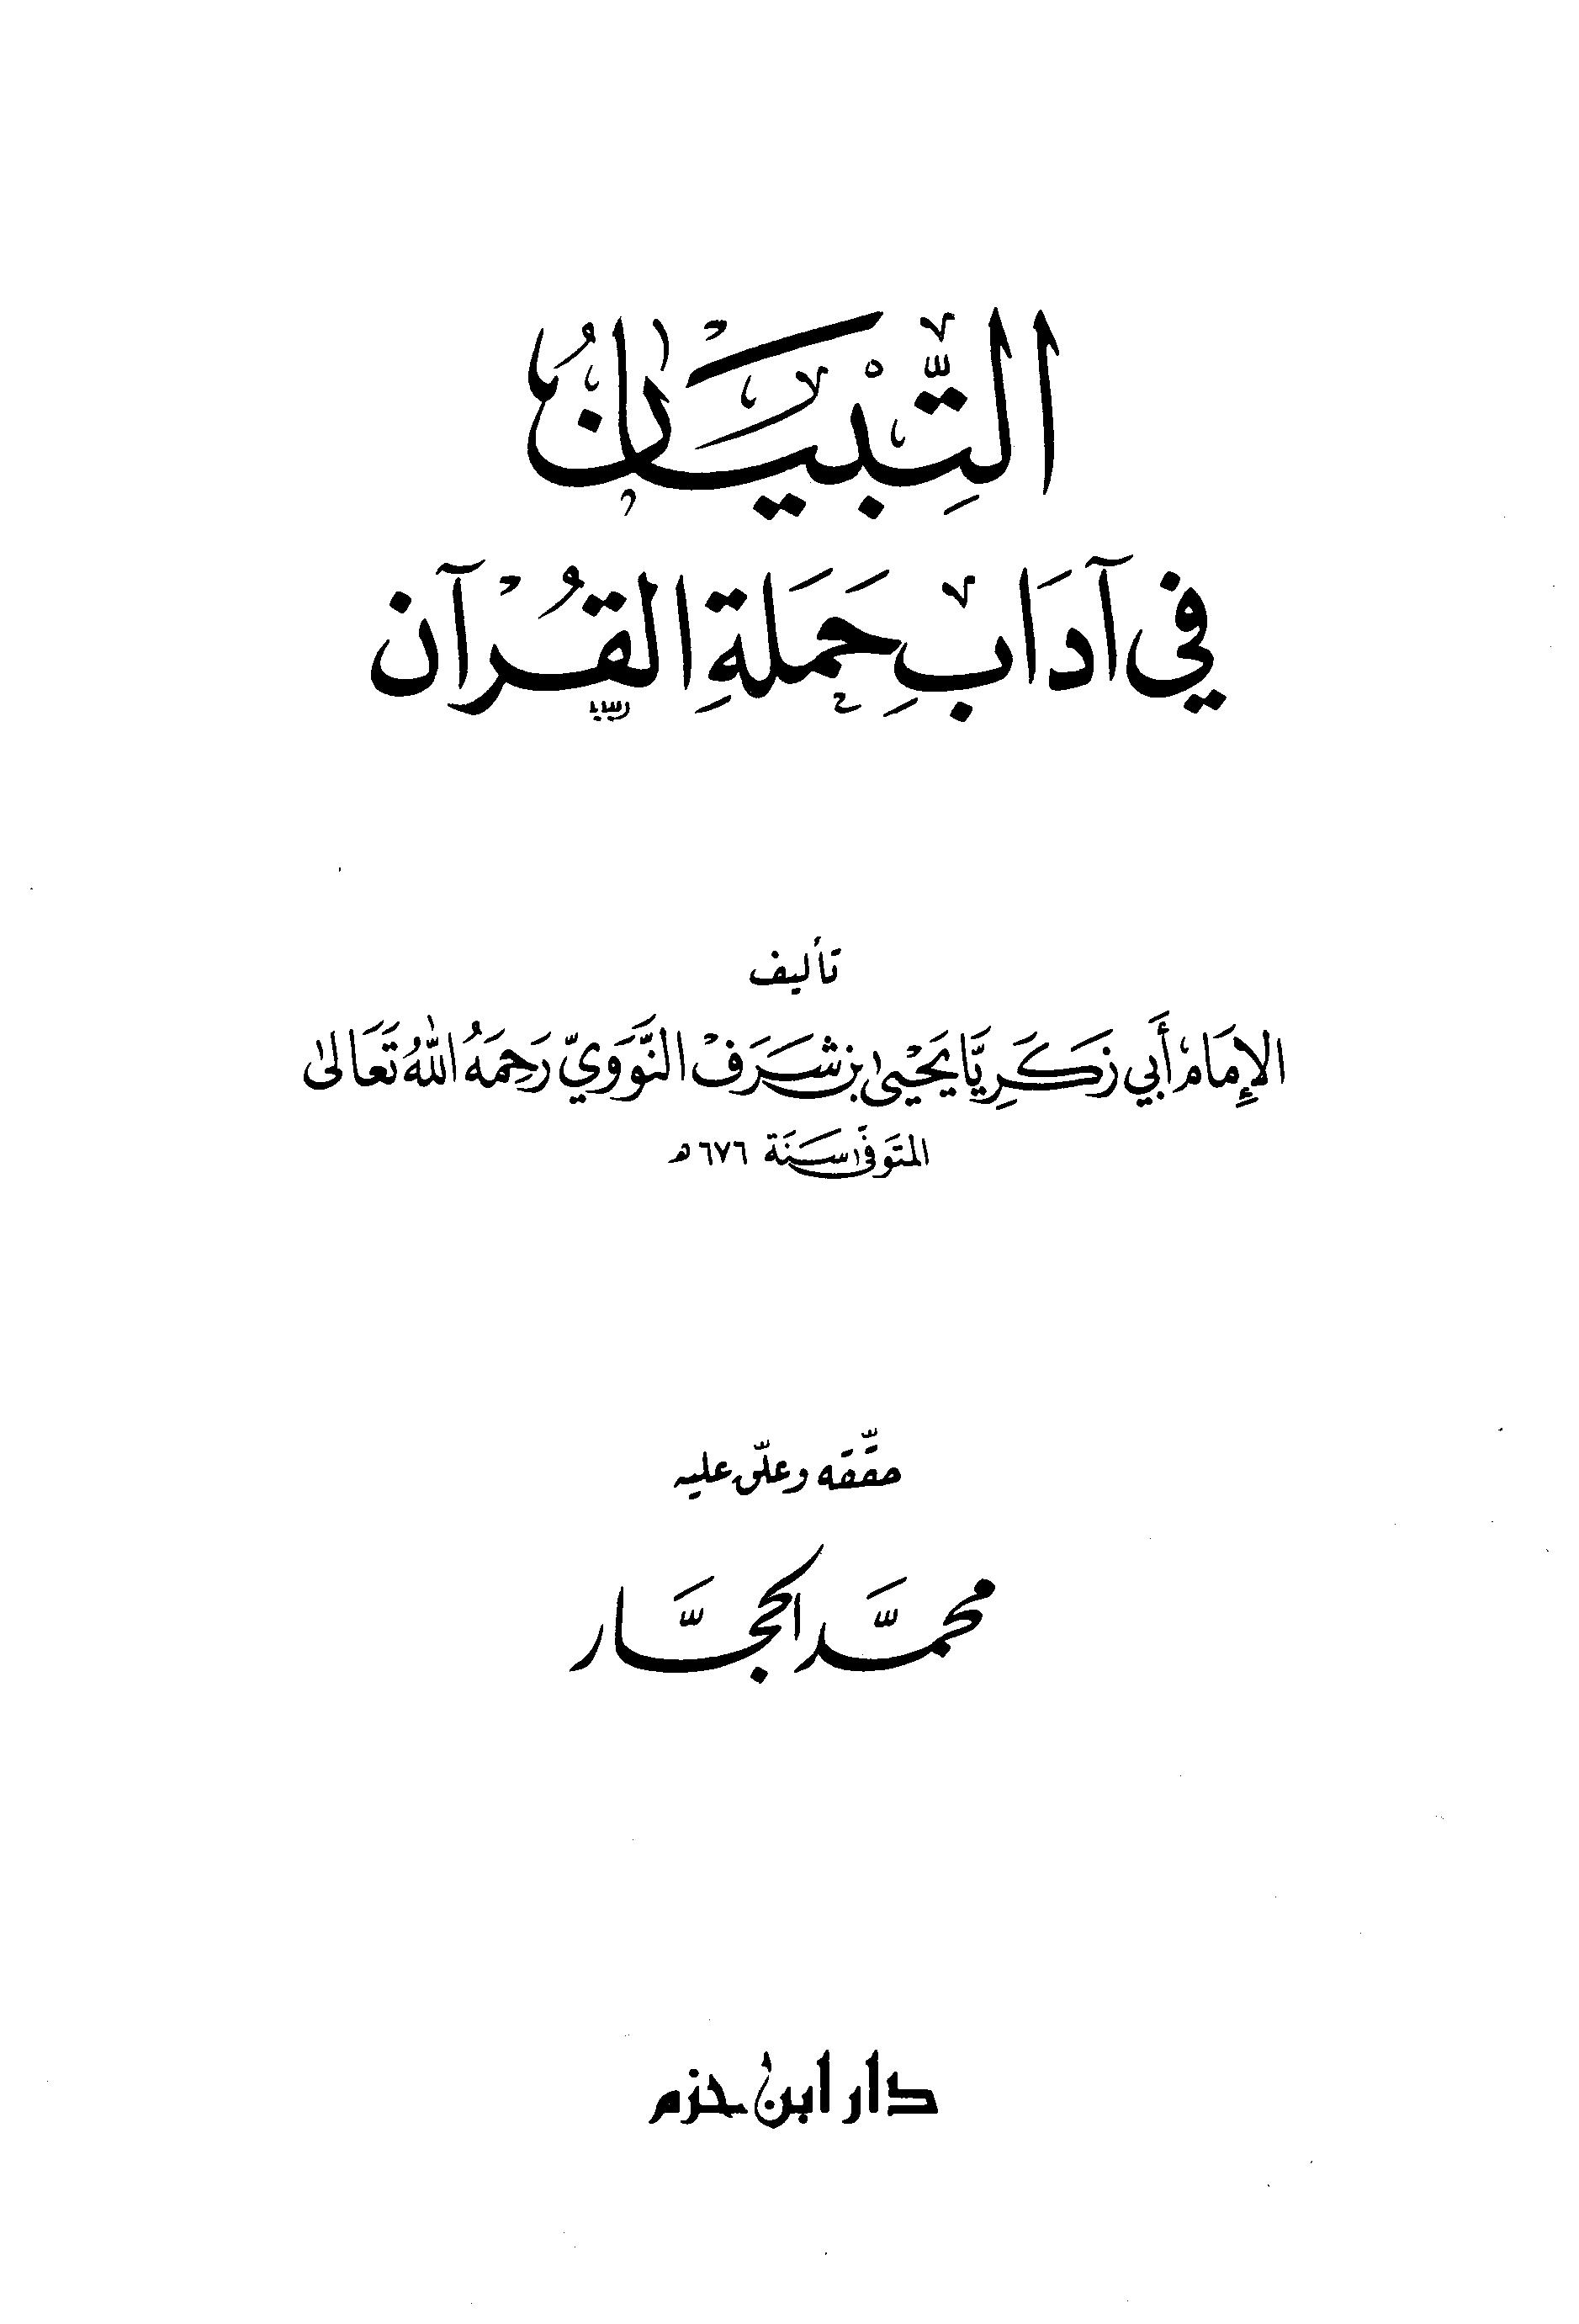 تحميل كتاب التبيان في آداب حملة القرآن (ت الحجار) لـِ: الإمام أبو زكريا محيي الدين يحيى بن شرف النووي (ت 676)